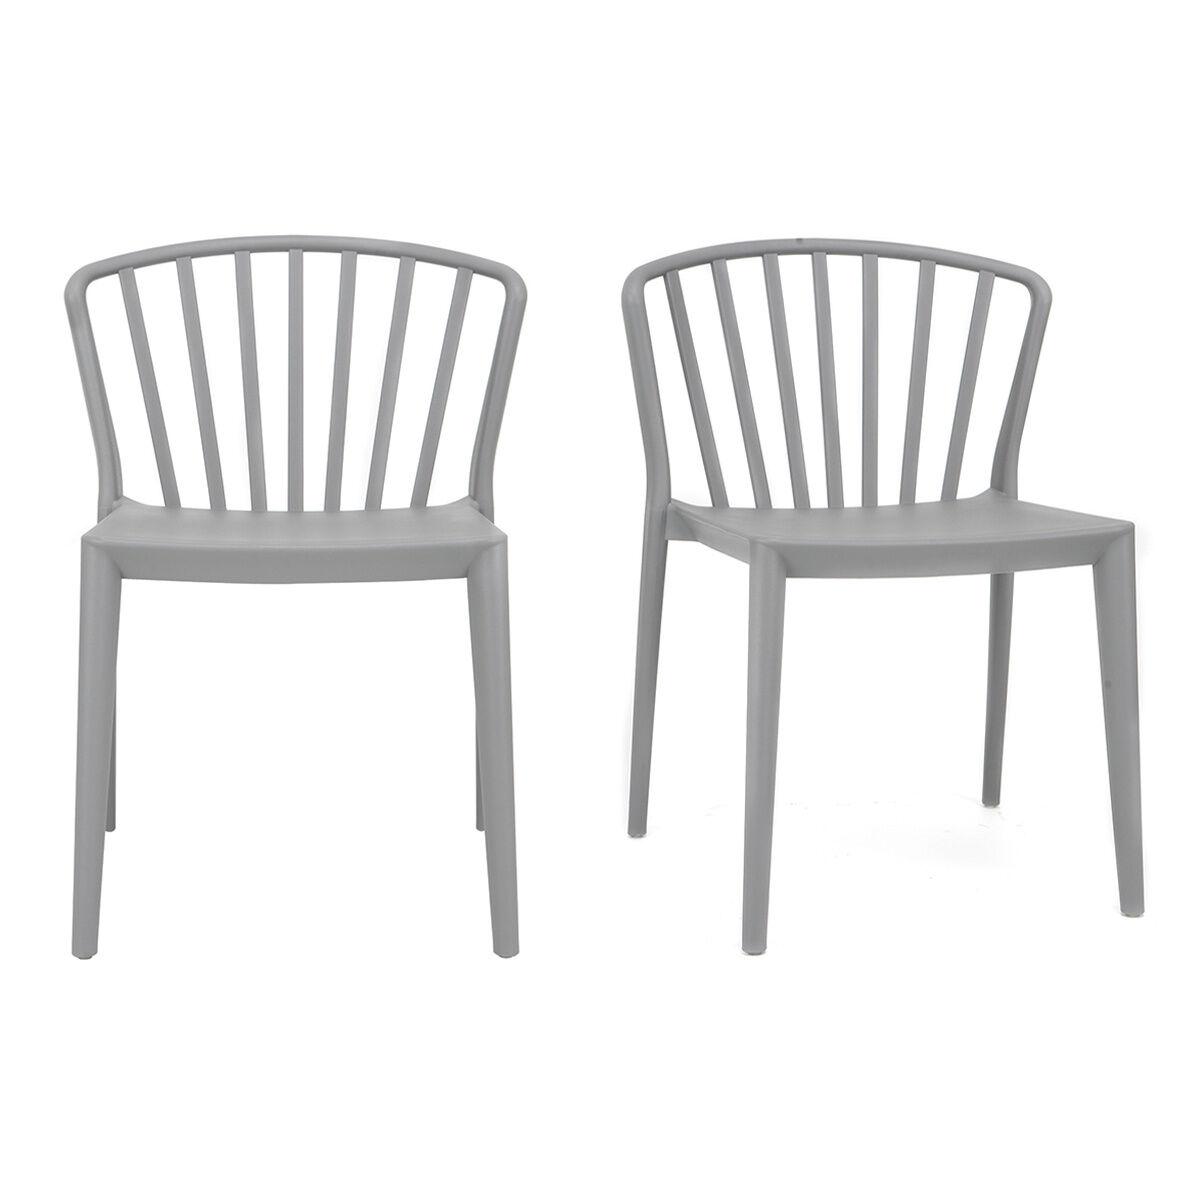 Miliboo Chaises design empilables grises intérieur / extérieur (lot de 2) PATIO